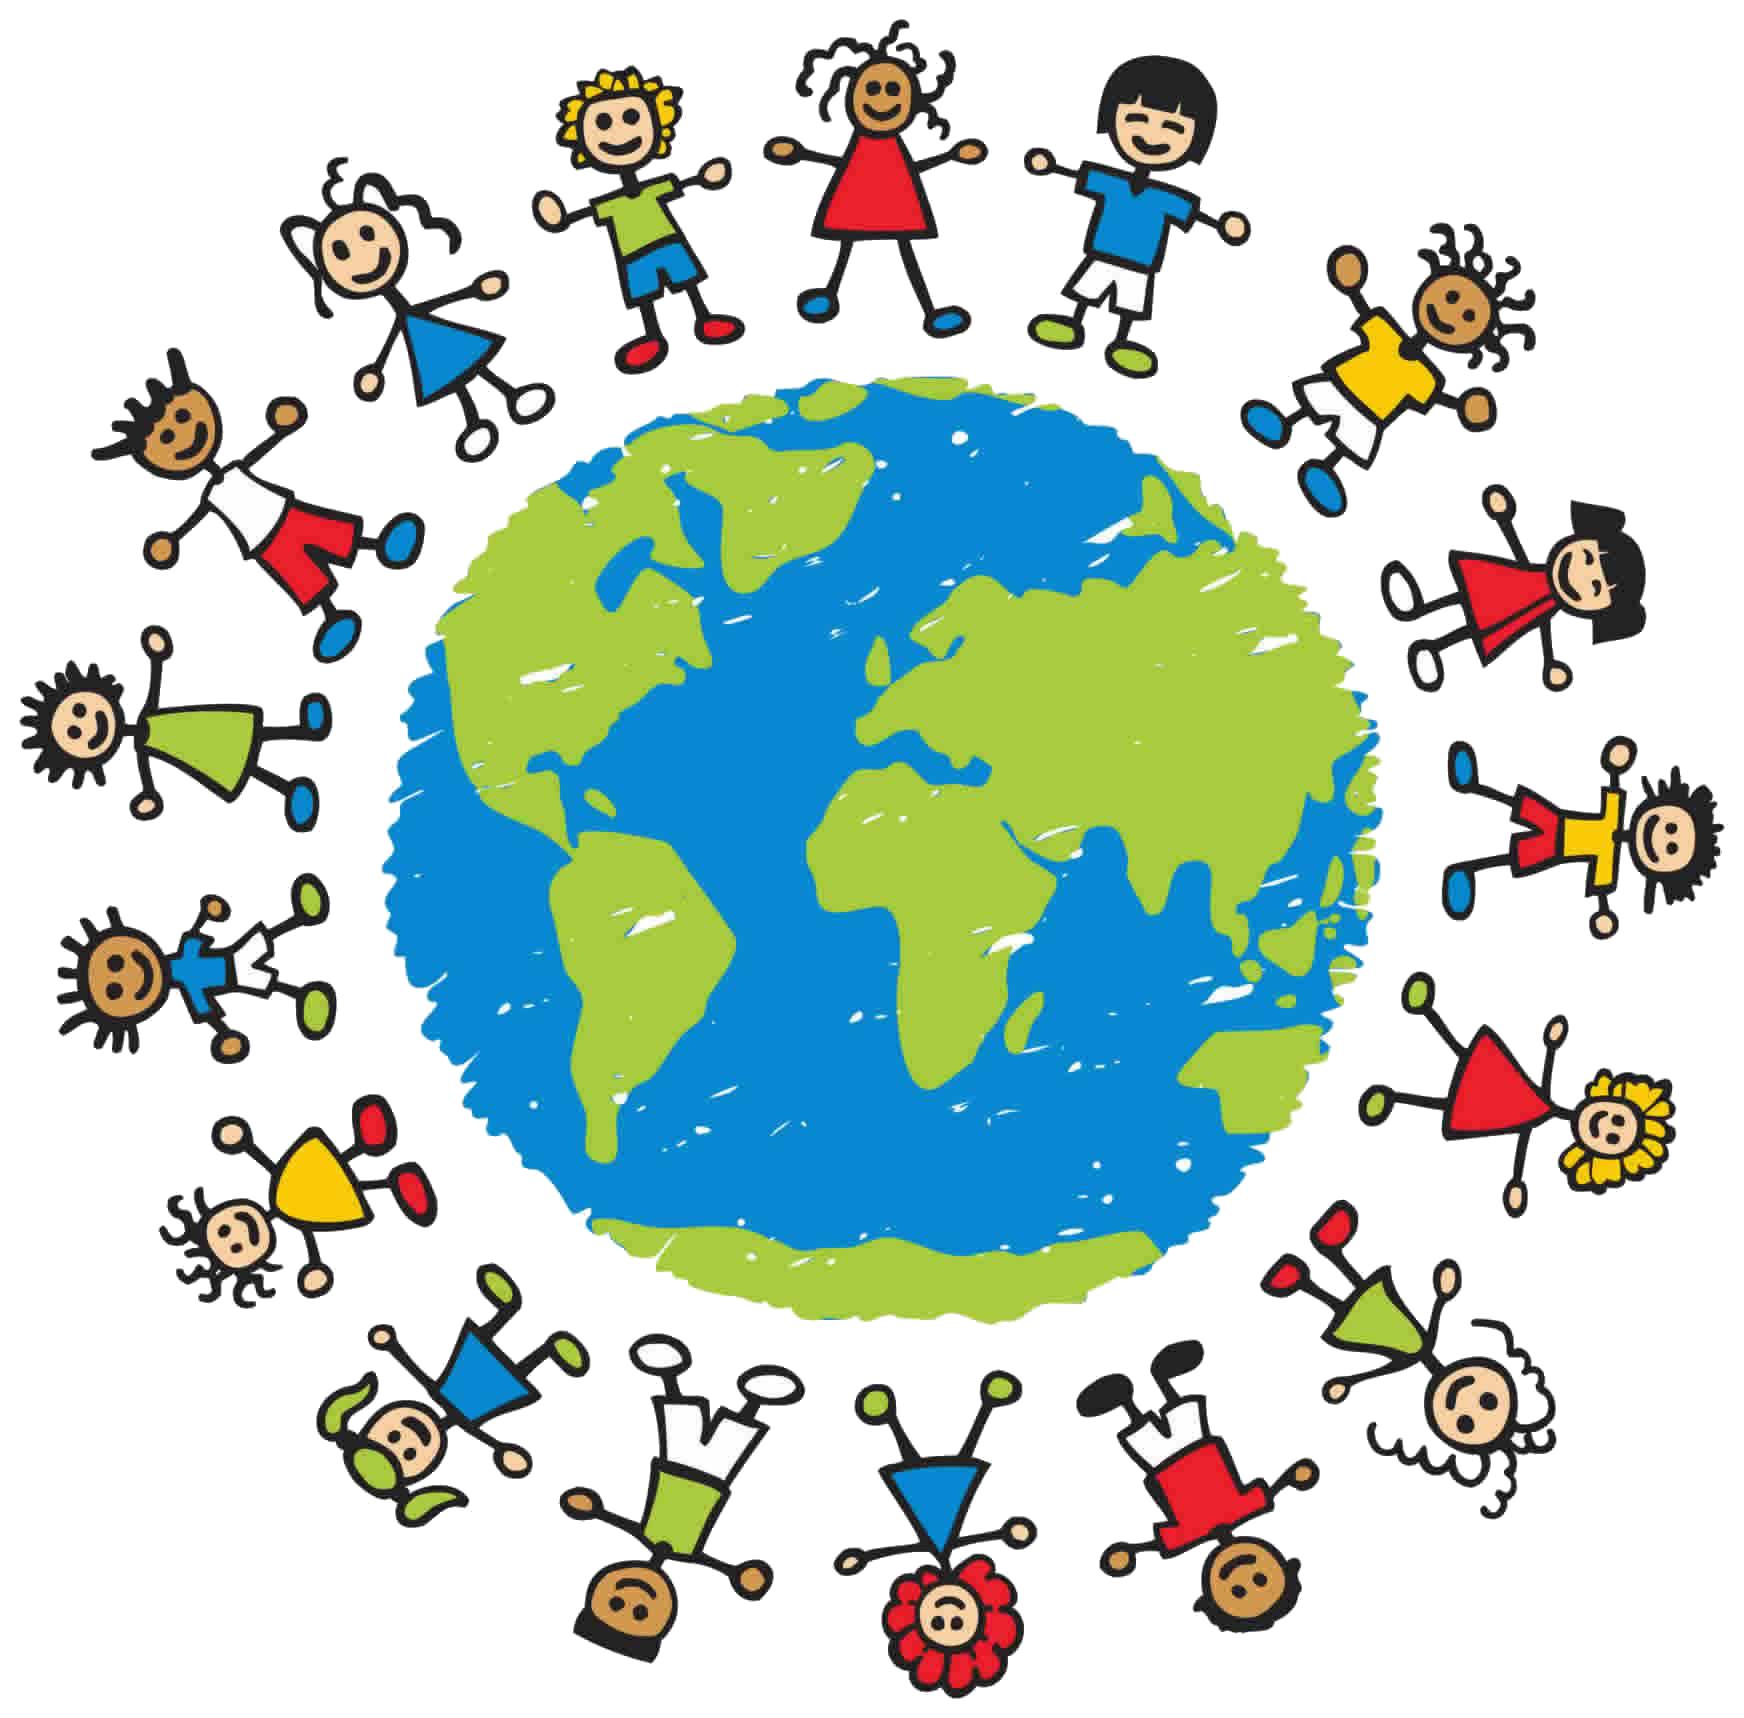 весь мир един